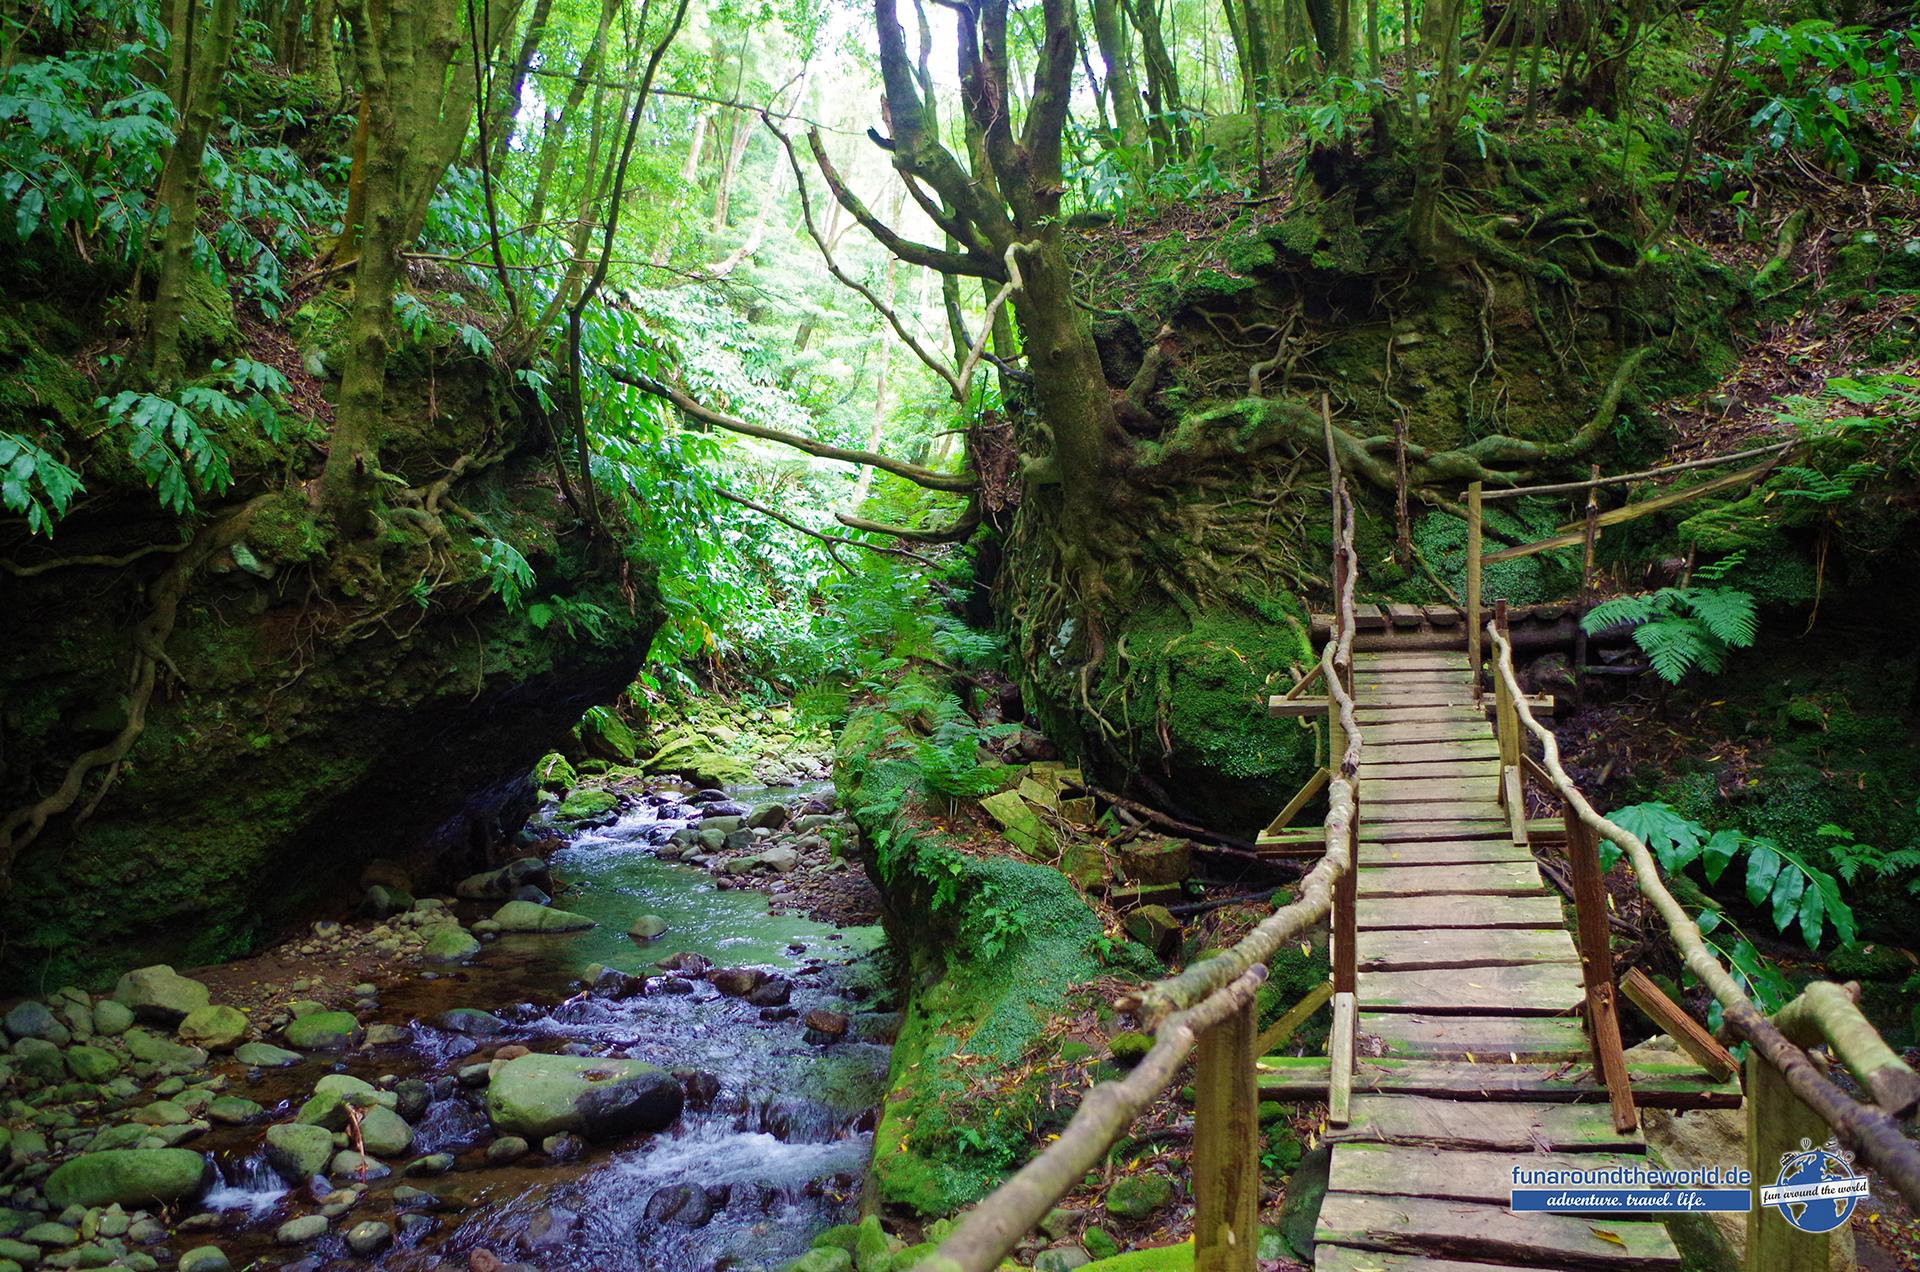 Wanderungen abseits der Touristenpfade durch die tiefgrünen Urwälder auf Sao Miguel bei Faial da Terra